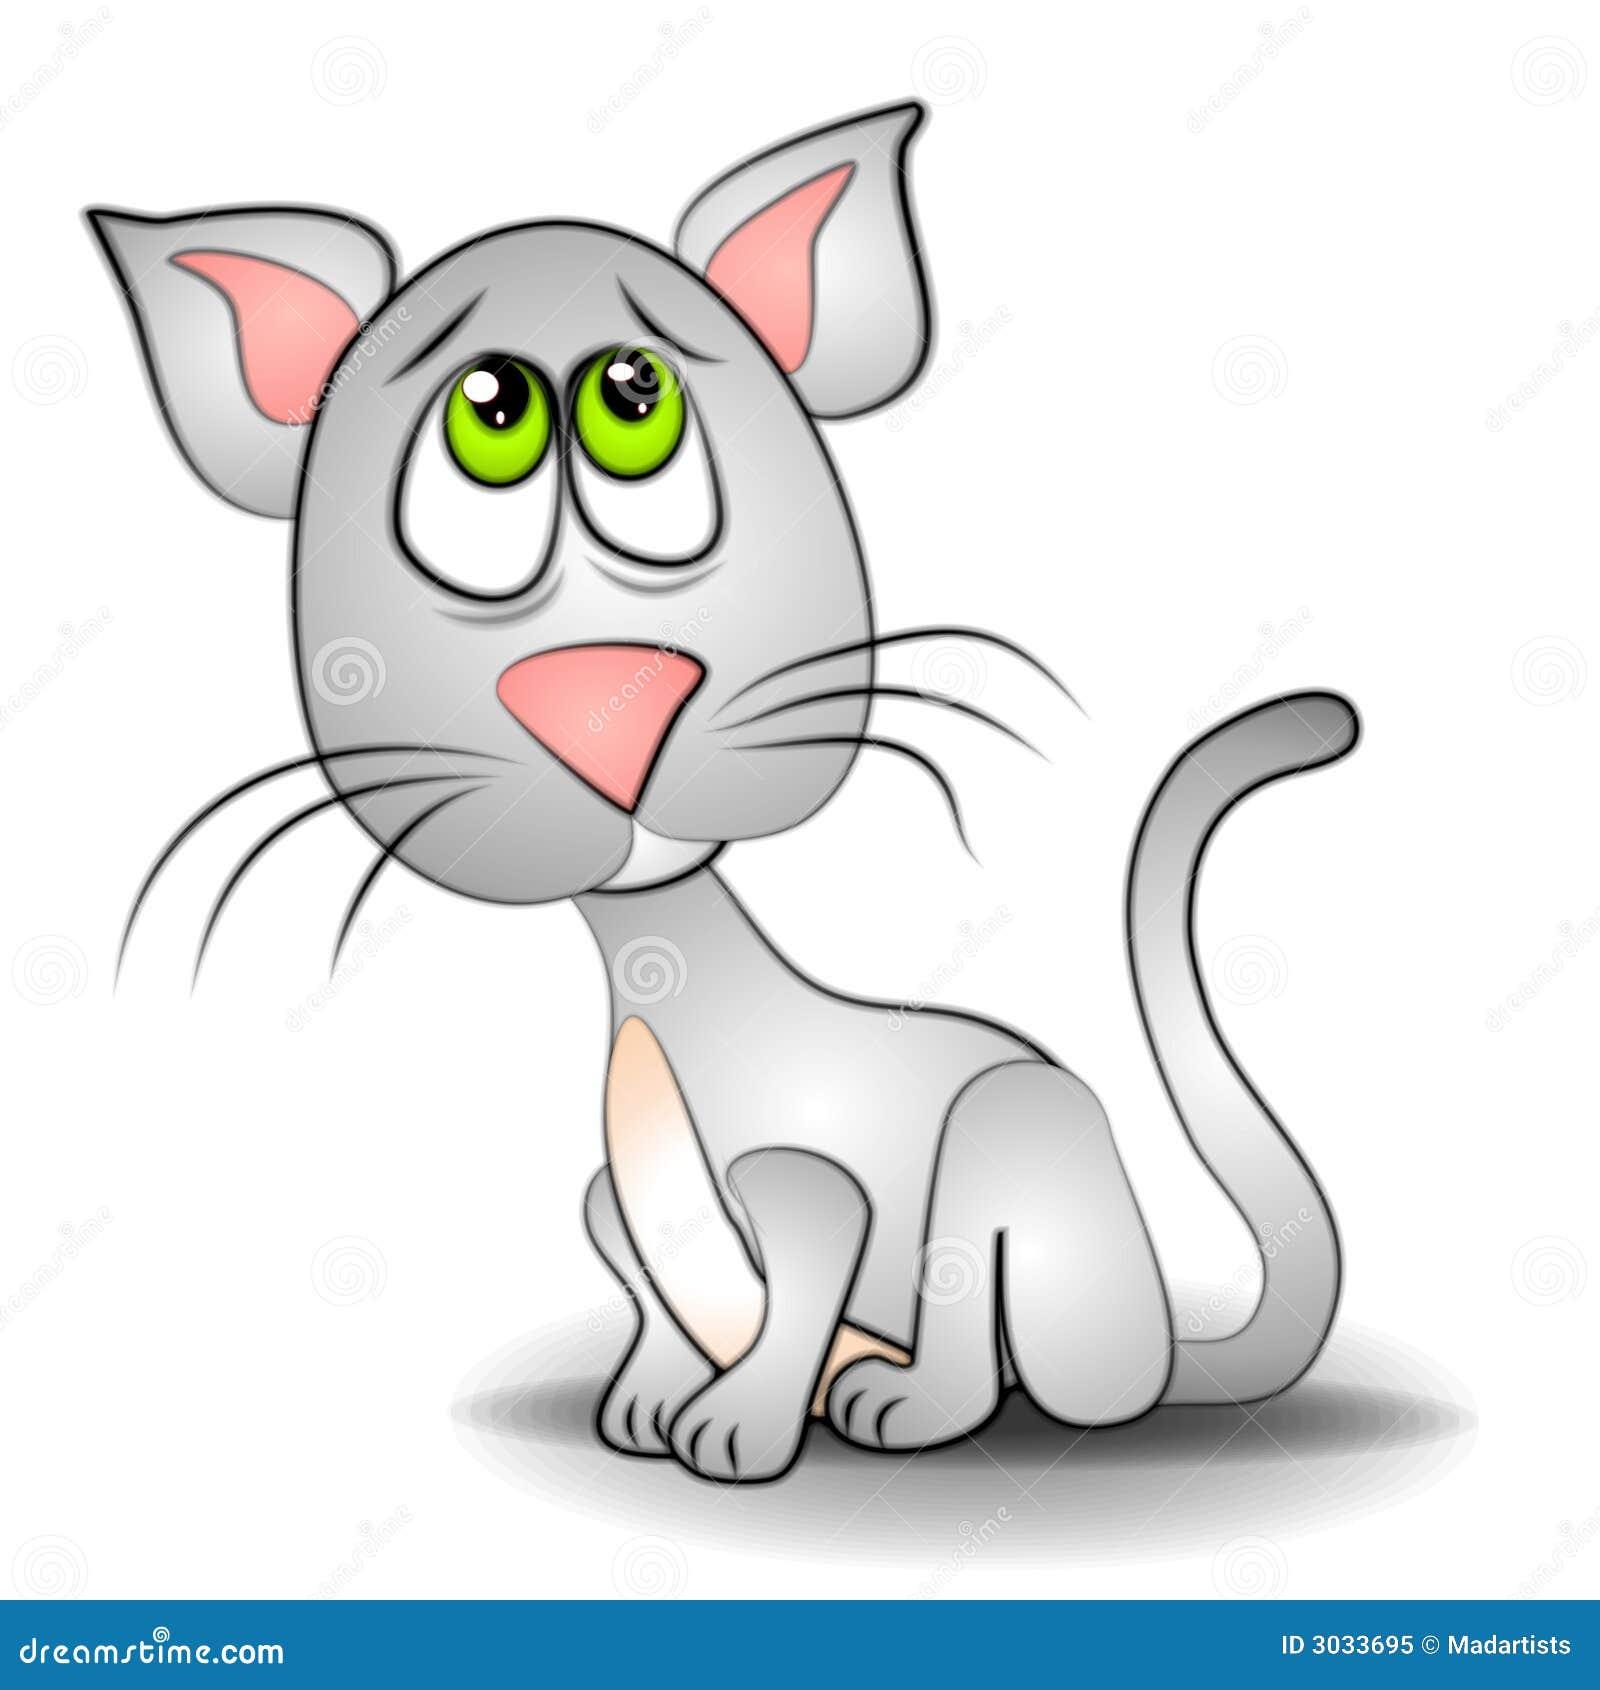 Sad Eyes Cat Kitten Clip Art